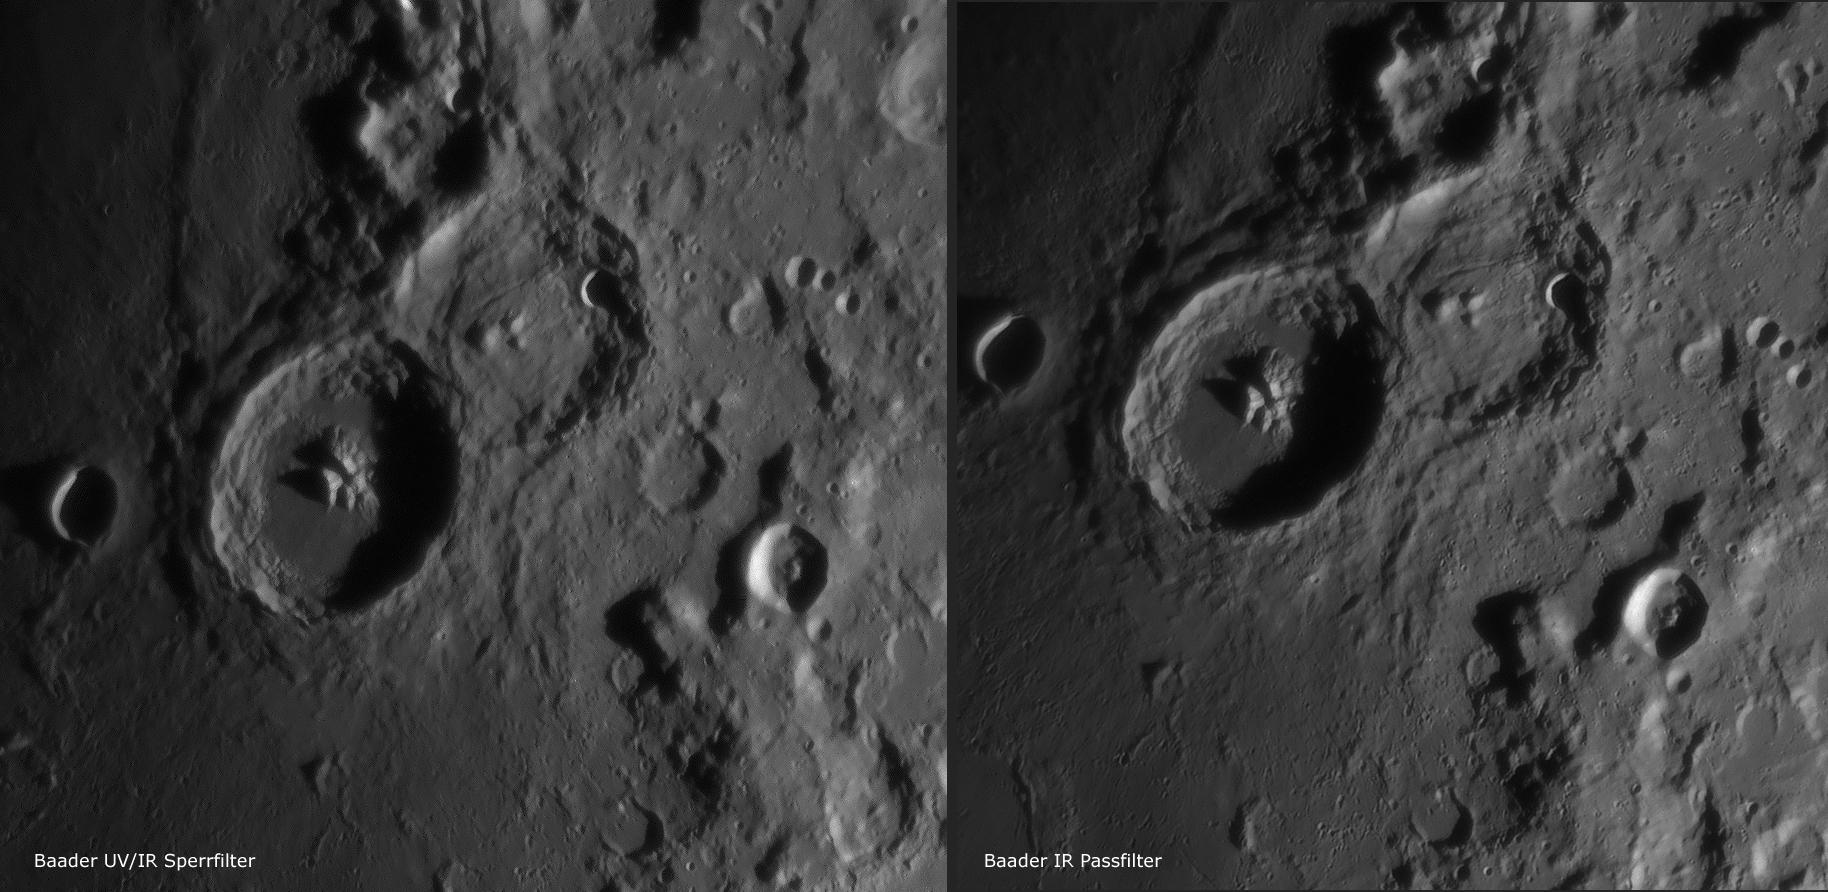 Theophilus und Cyrillus UV/IR Sperrfilter zu IR Passfilter von Baader Planetarium